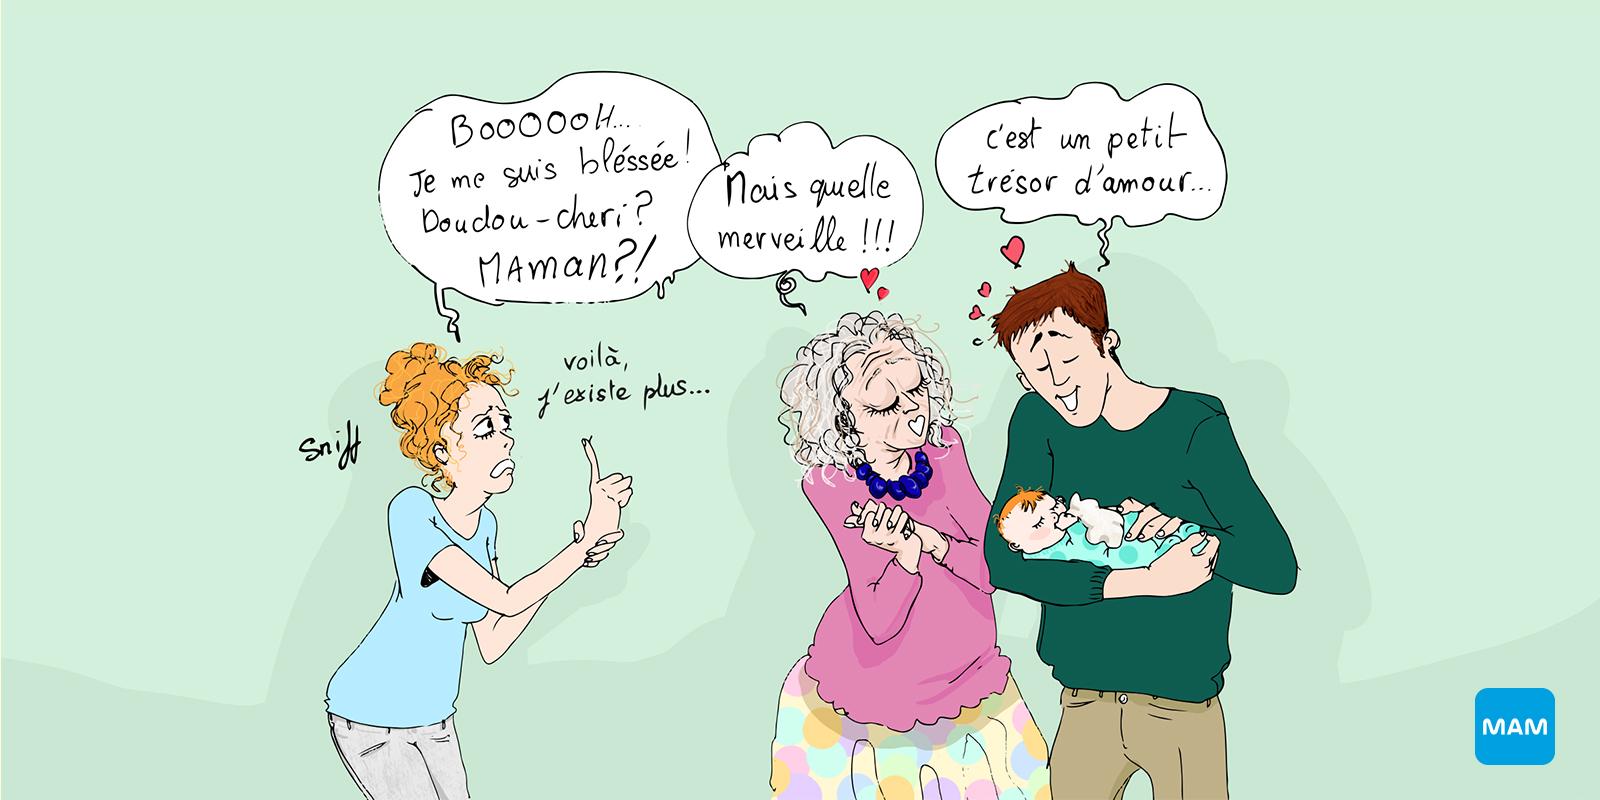 5 cadeaux à fair à une maman - 1er mois - bonjour grossesse